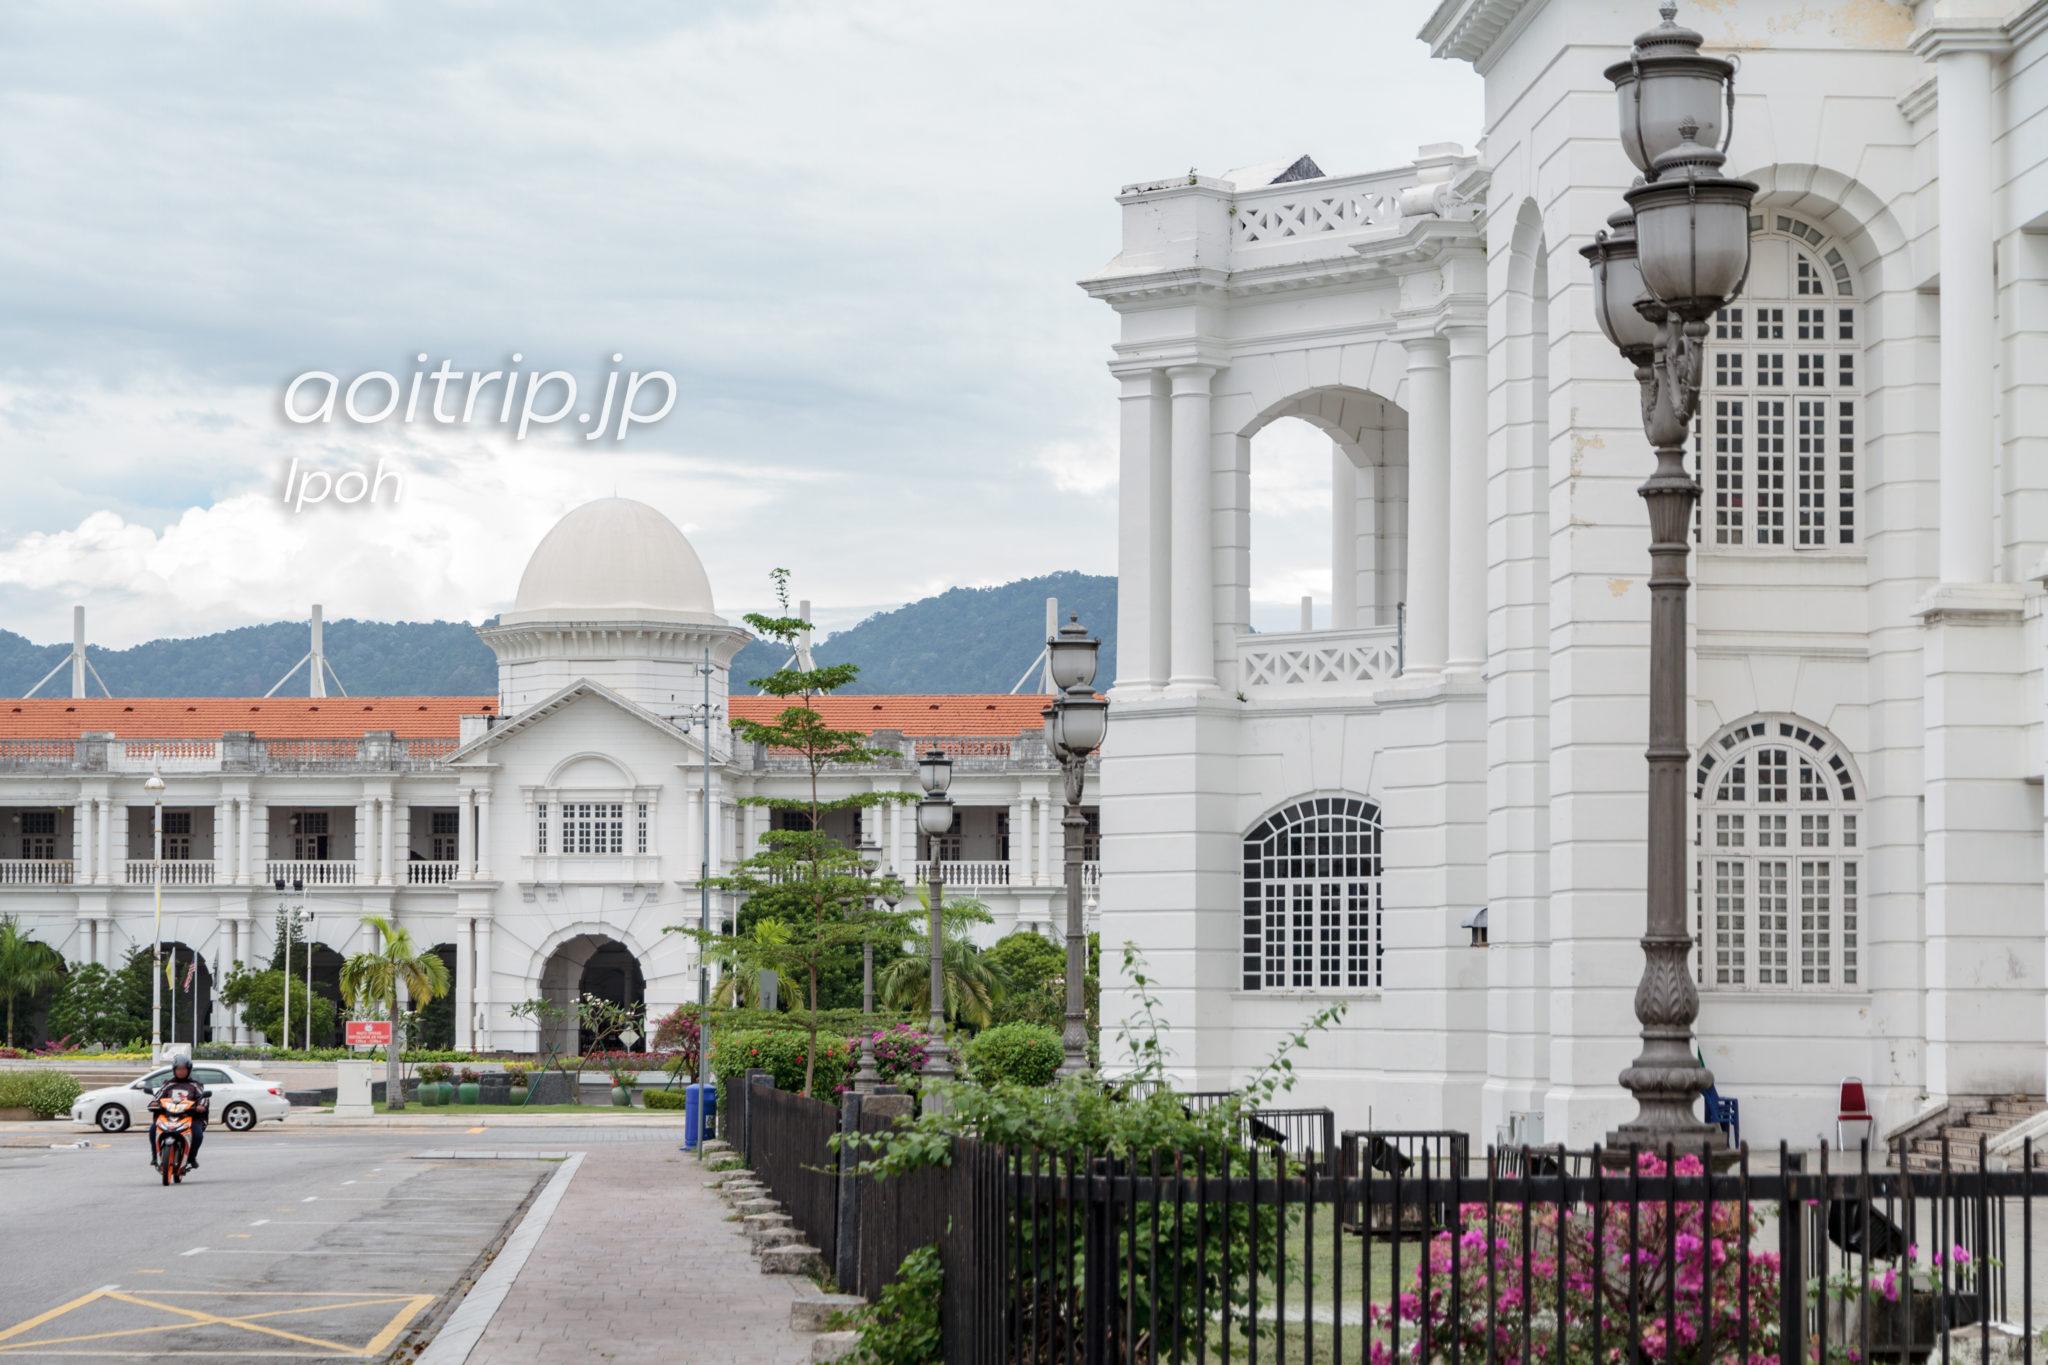 イポー鉄道駅と市役所